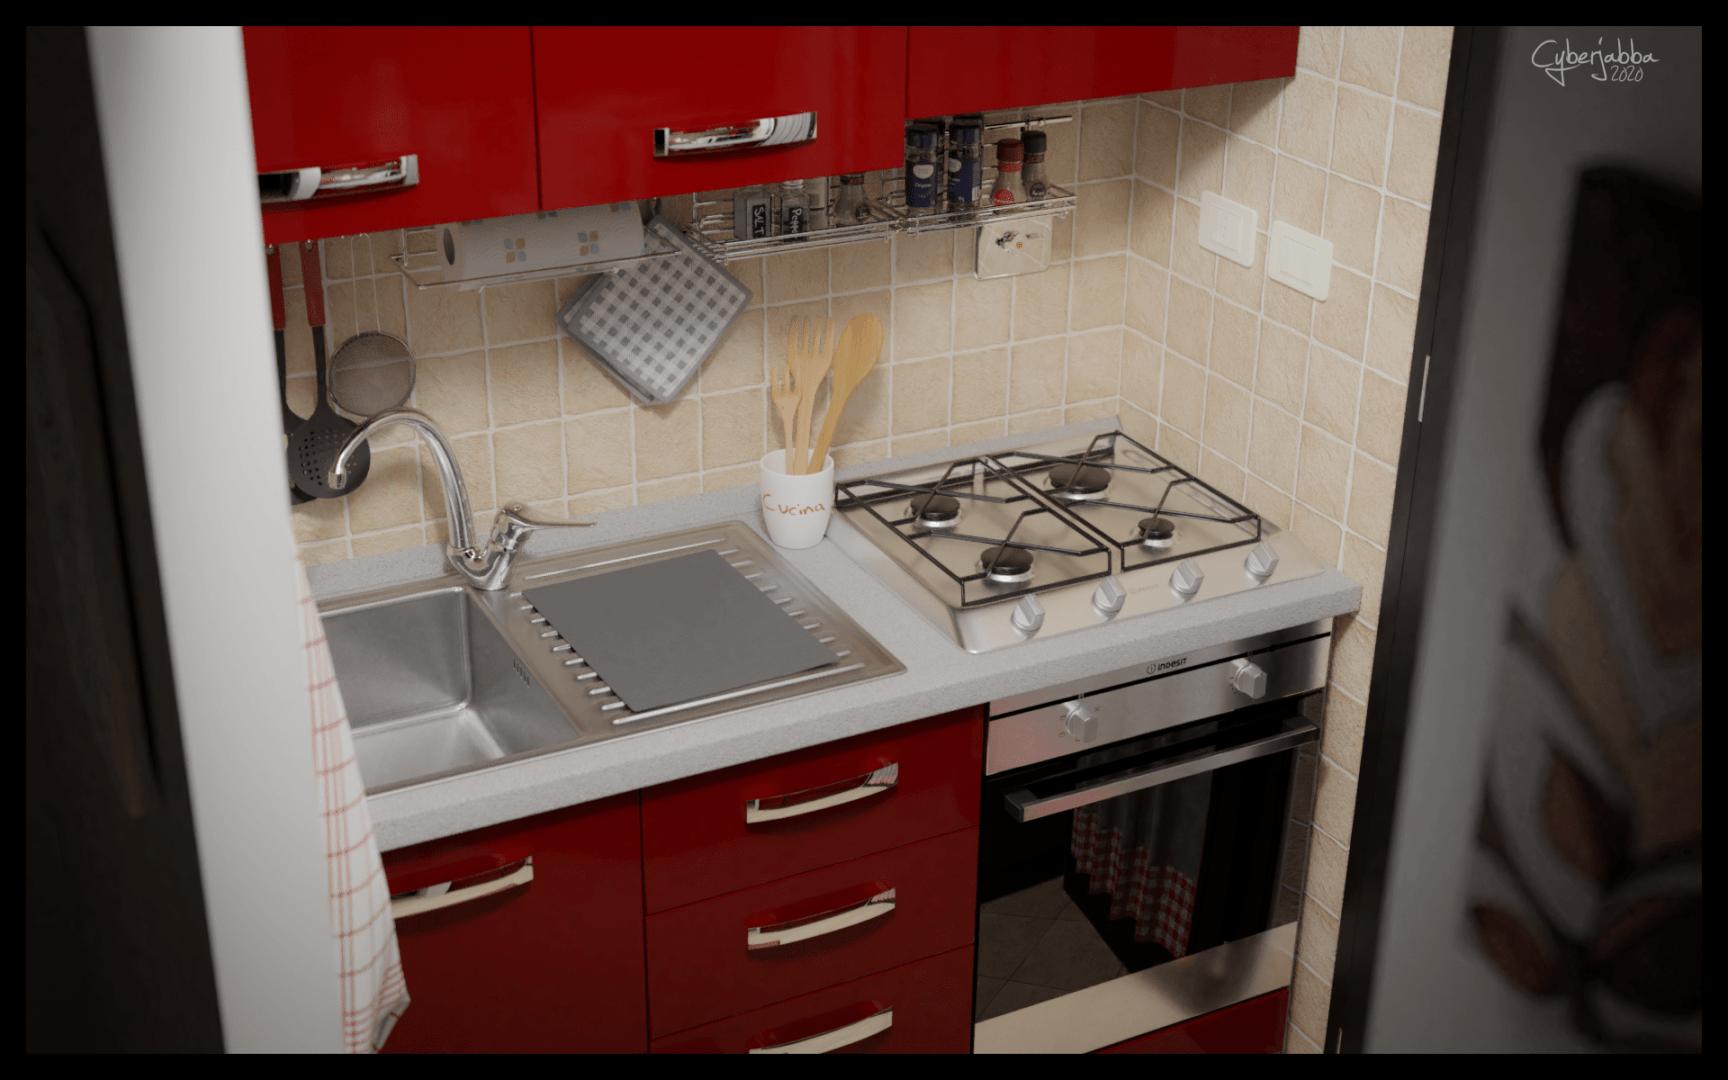 cucina_2_altezza_mia_post